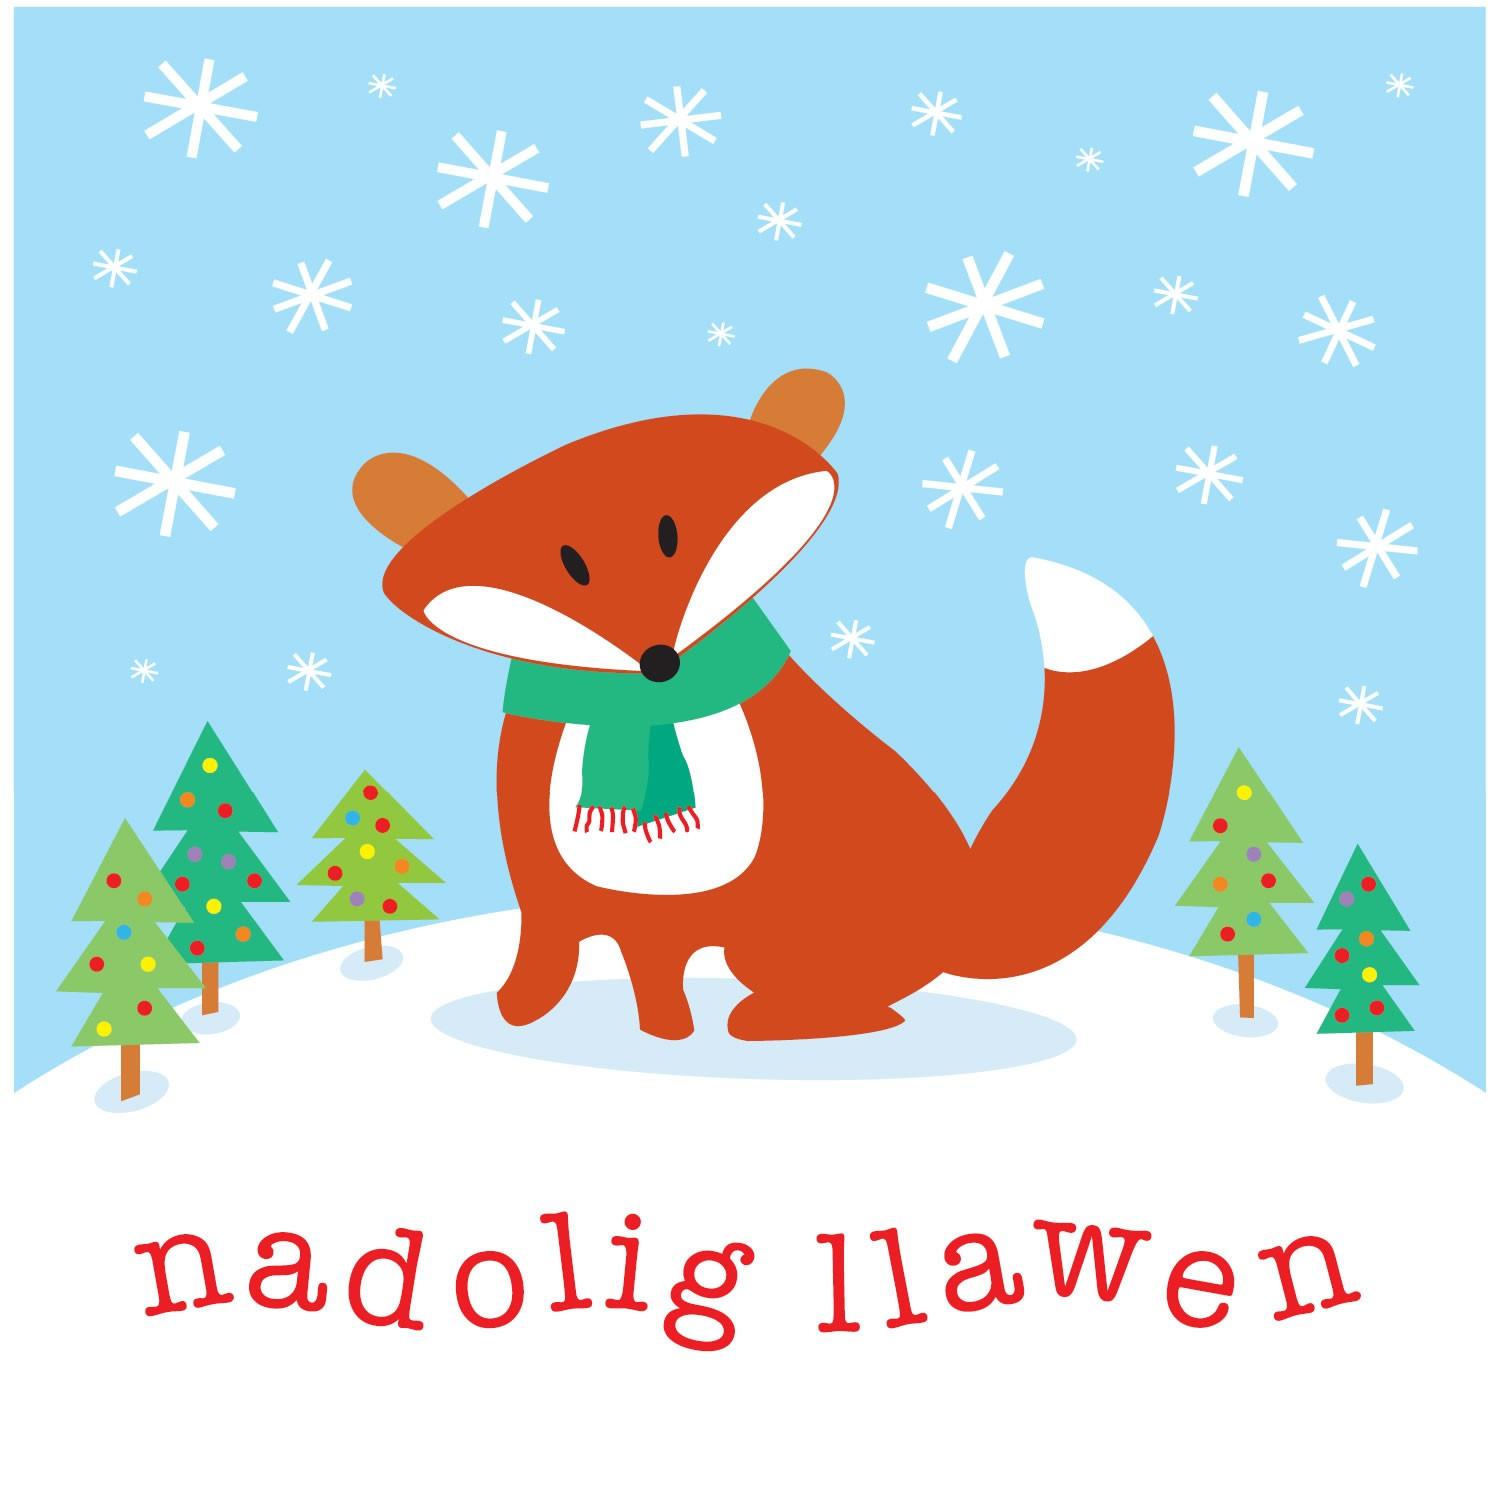 Babipur Fox Nadolig Llawen Card